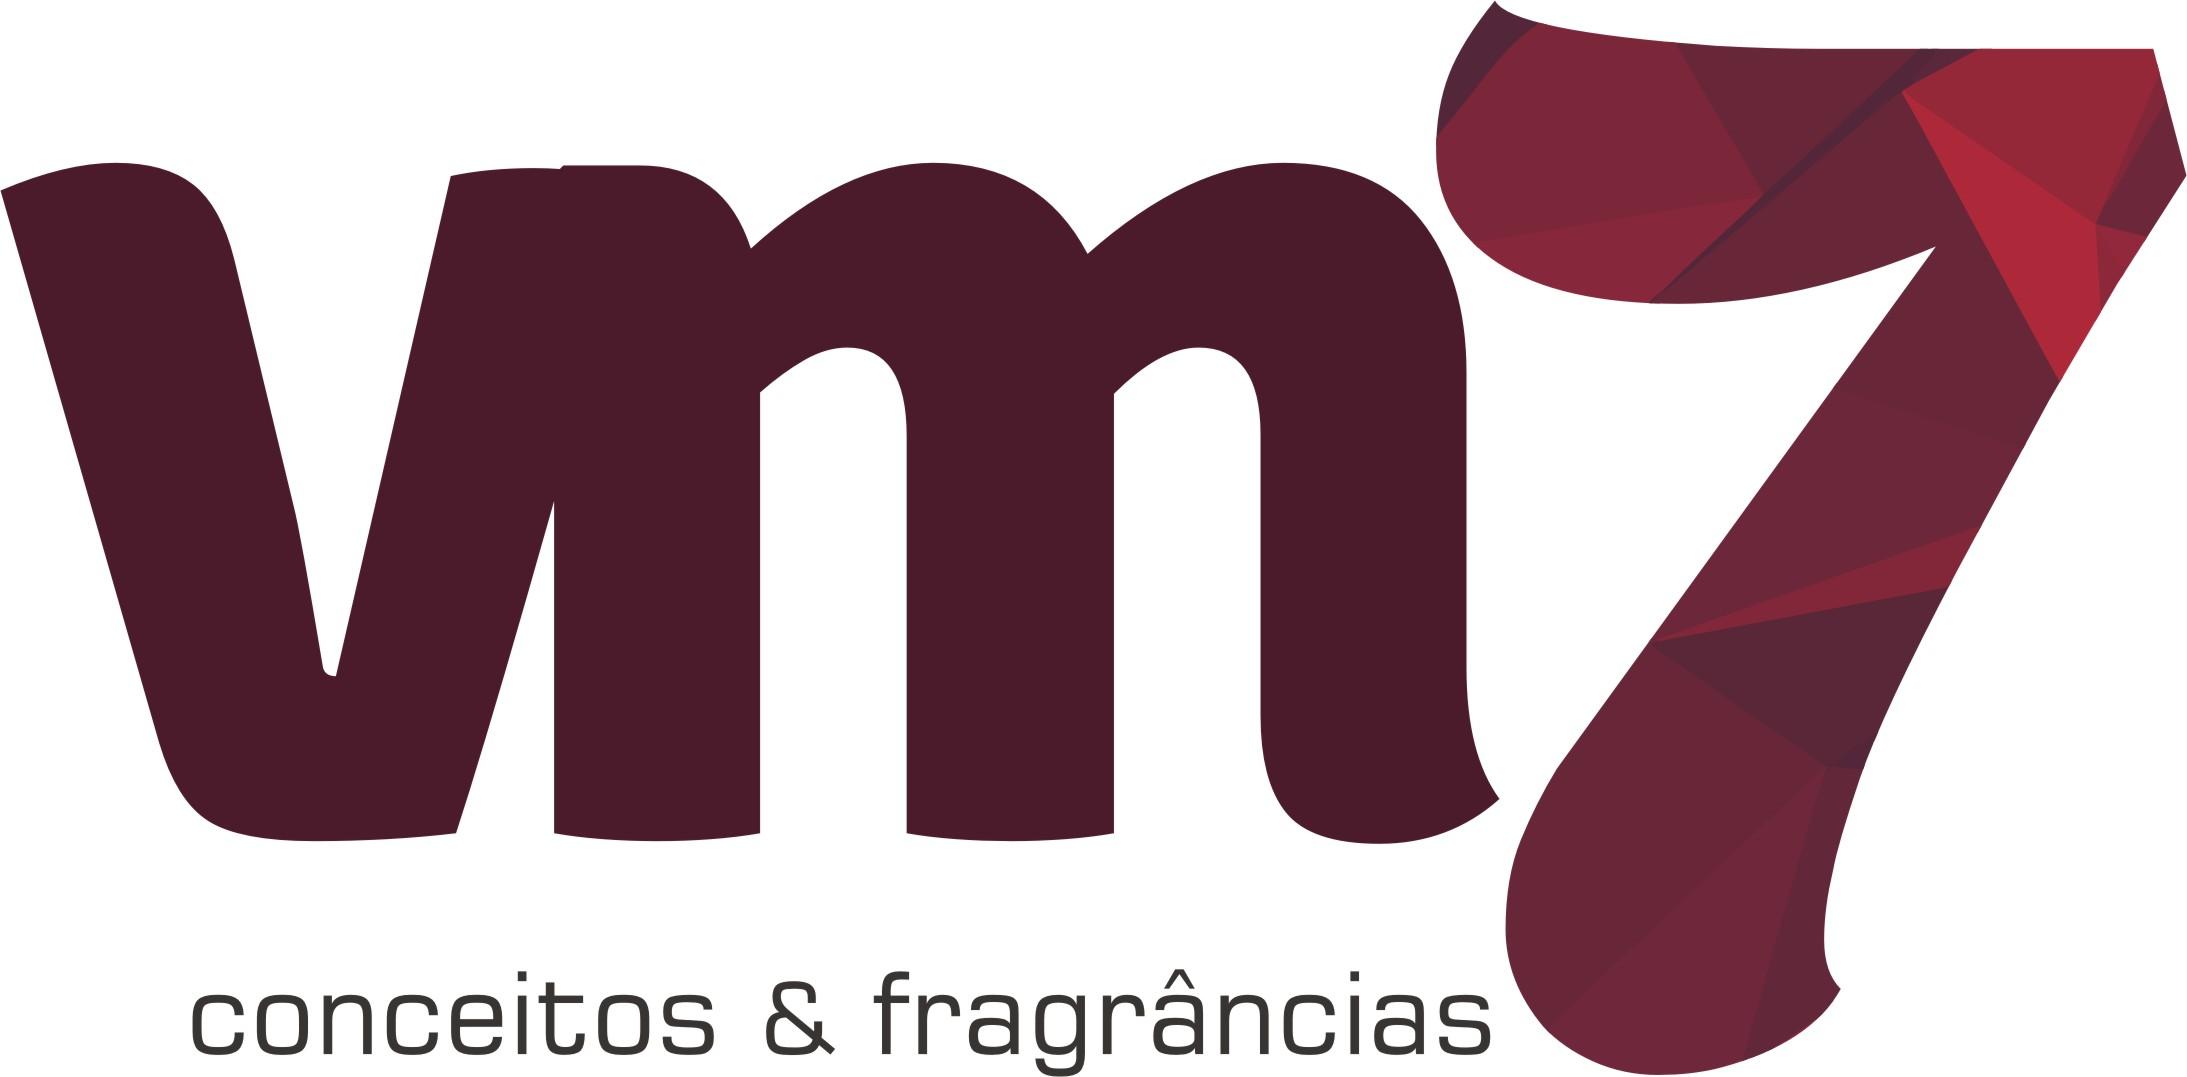 VM7 Conceitos & Fragrâncias